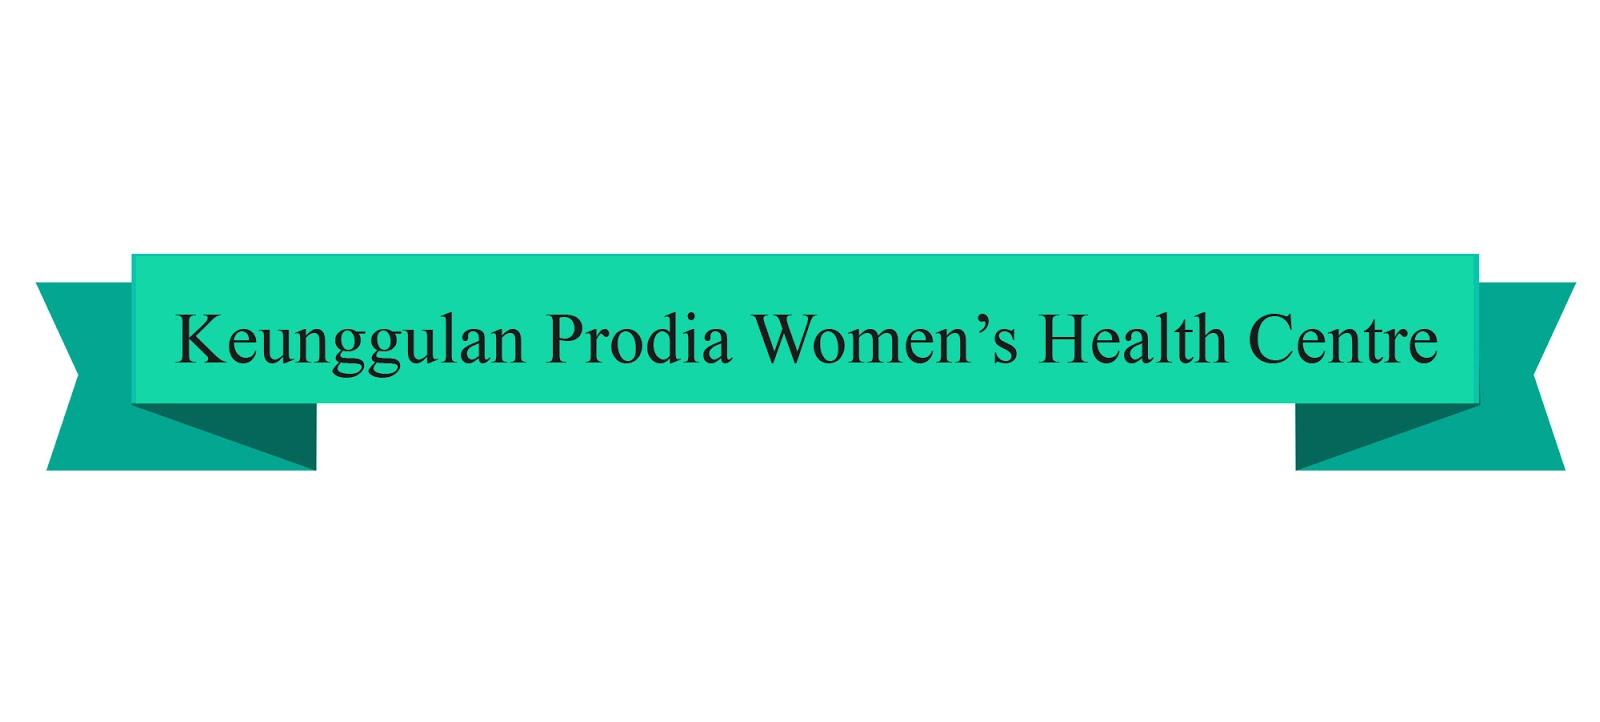 Sehat Senyum Bahagia Rajin Deteksi Dini Di Prodia Womens Health Medical Check Up Wanita Lengkap Saya Sering Mengunjungi Untuk Tiap Tahunnya Jika Darah Kolesterol Dan Tidak Ada Tempat Khusus Bagi Perempuan